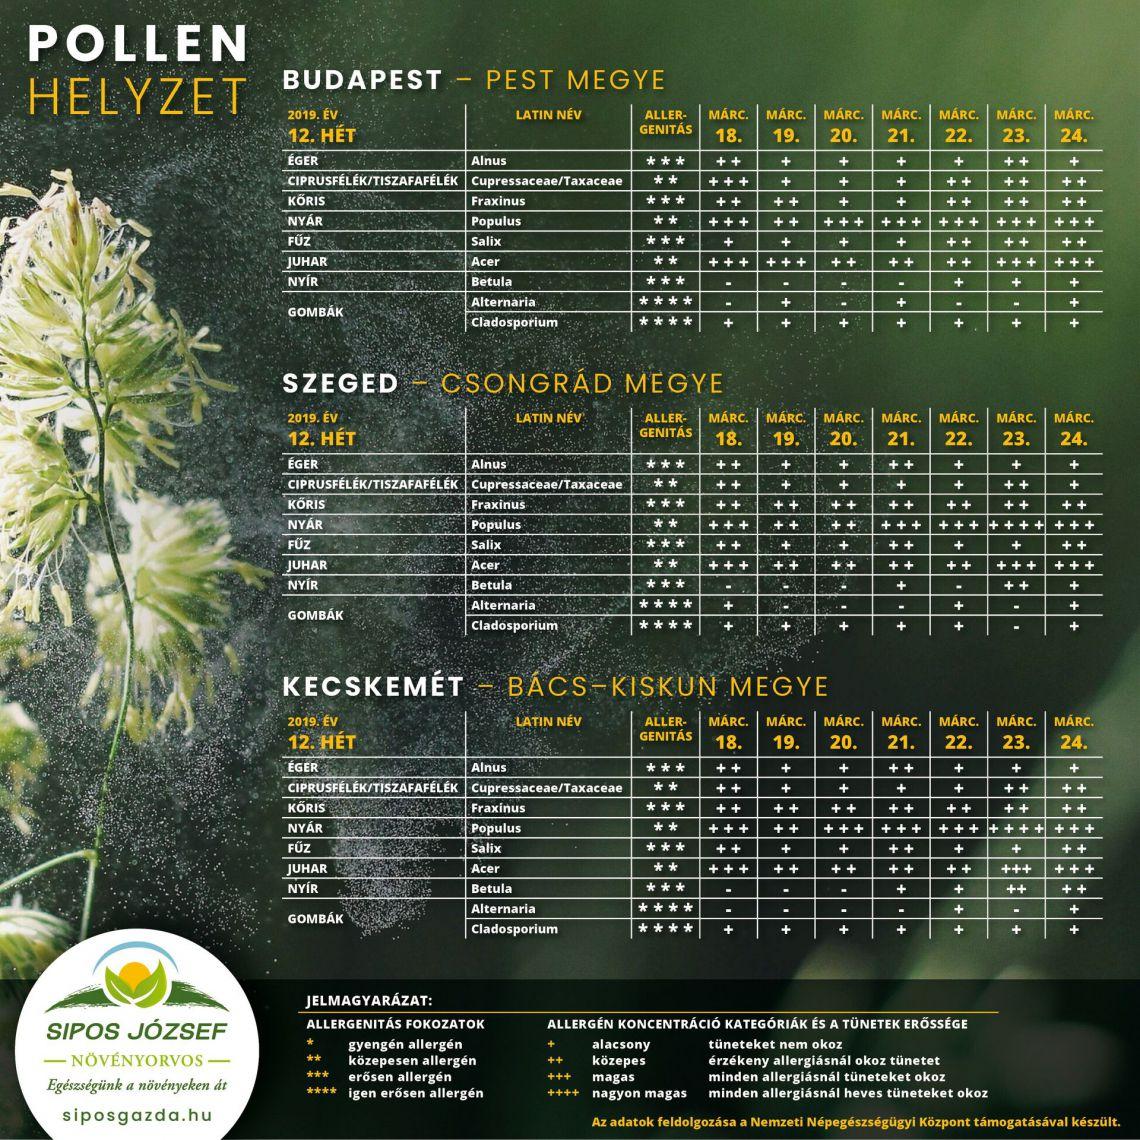 Pollenterhelés alakulása 2019. március 18 – március 24. között